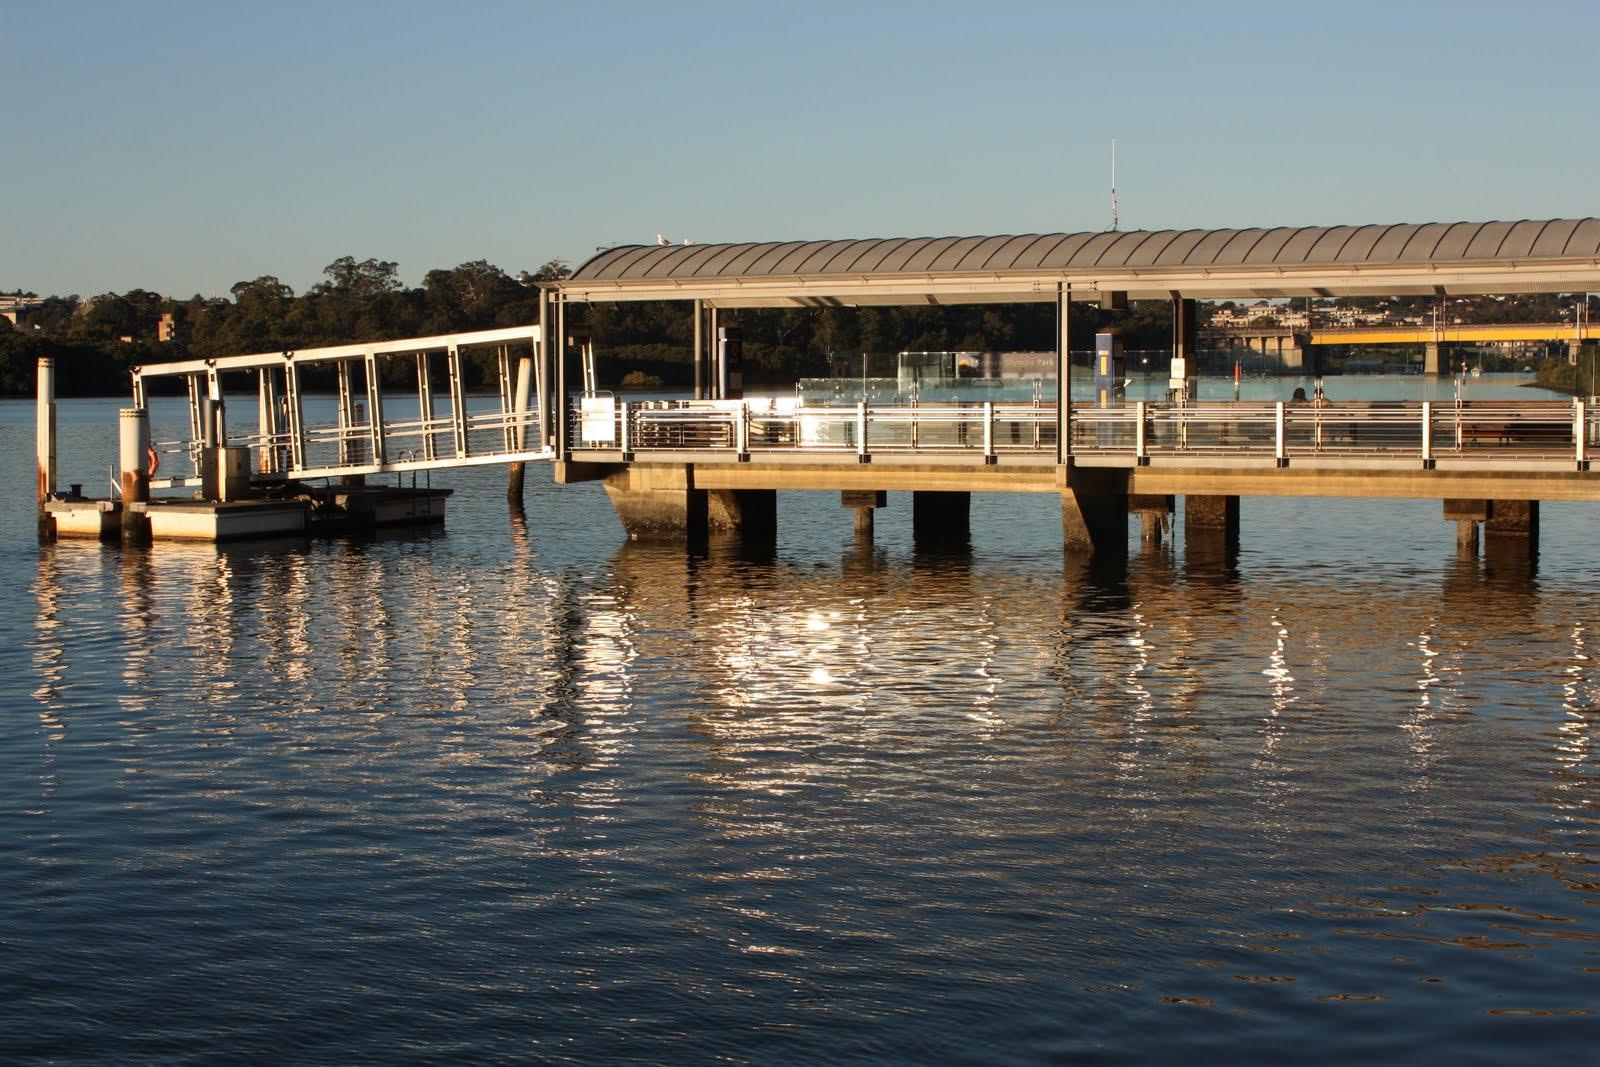 sydney parramatta ferry - photo#26